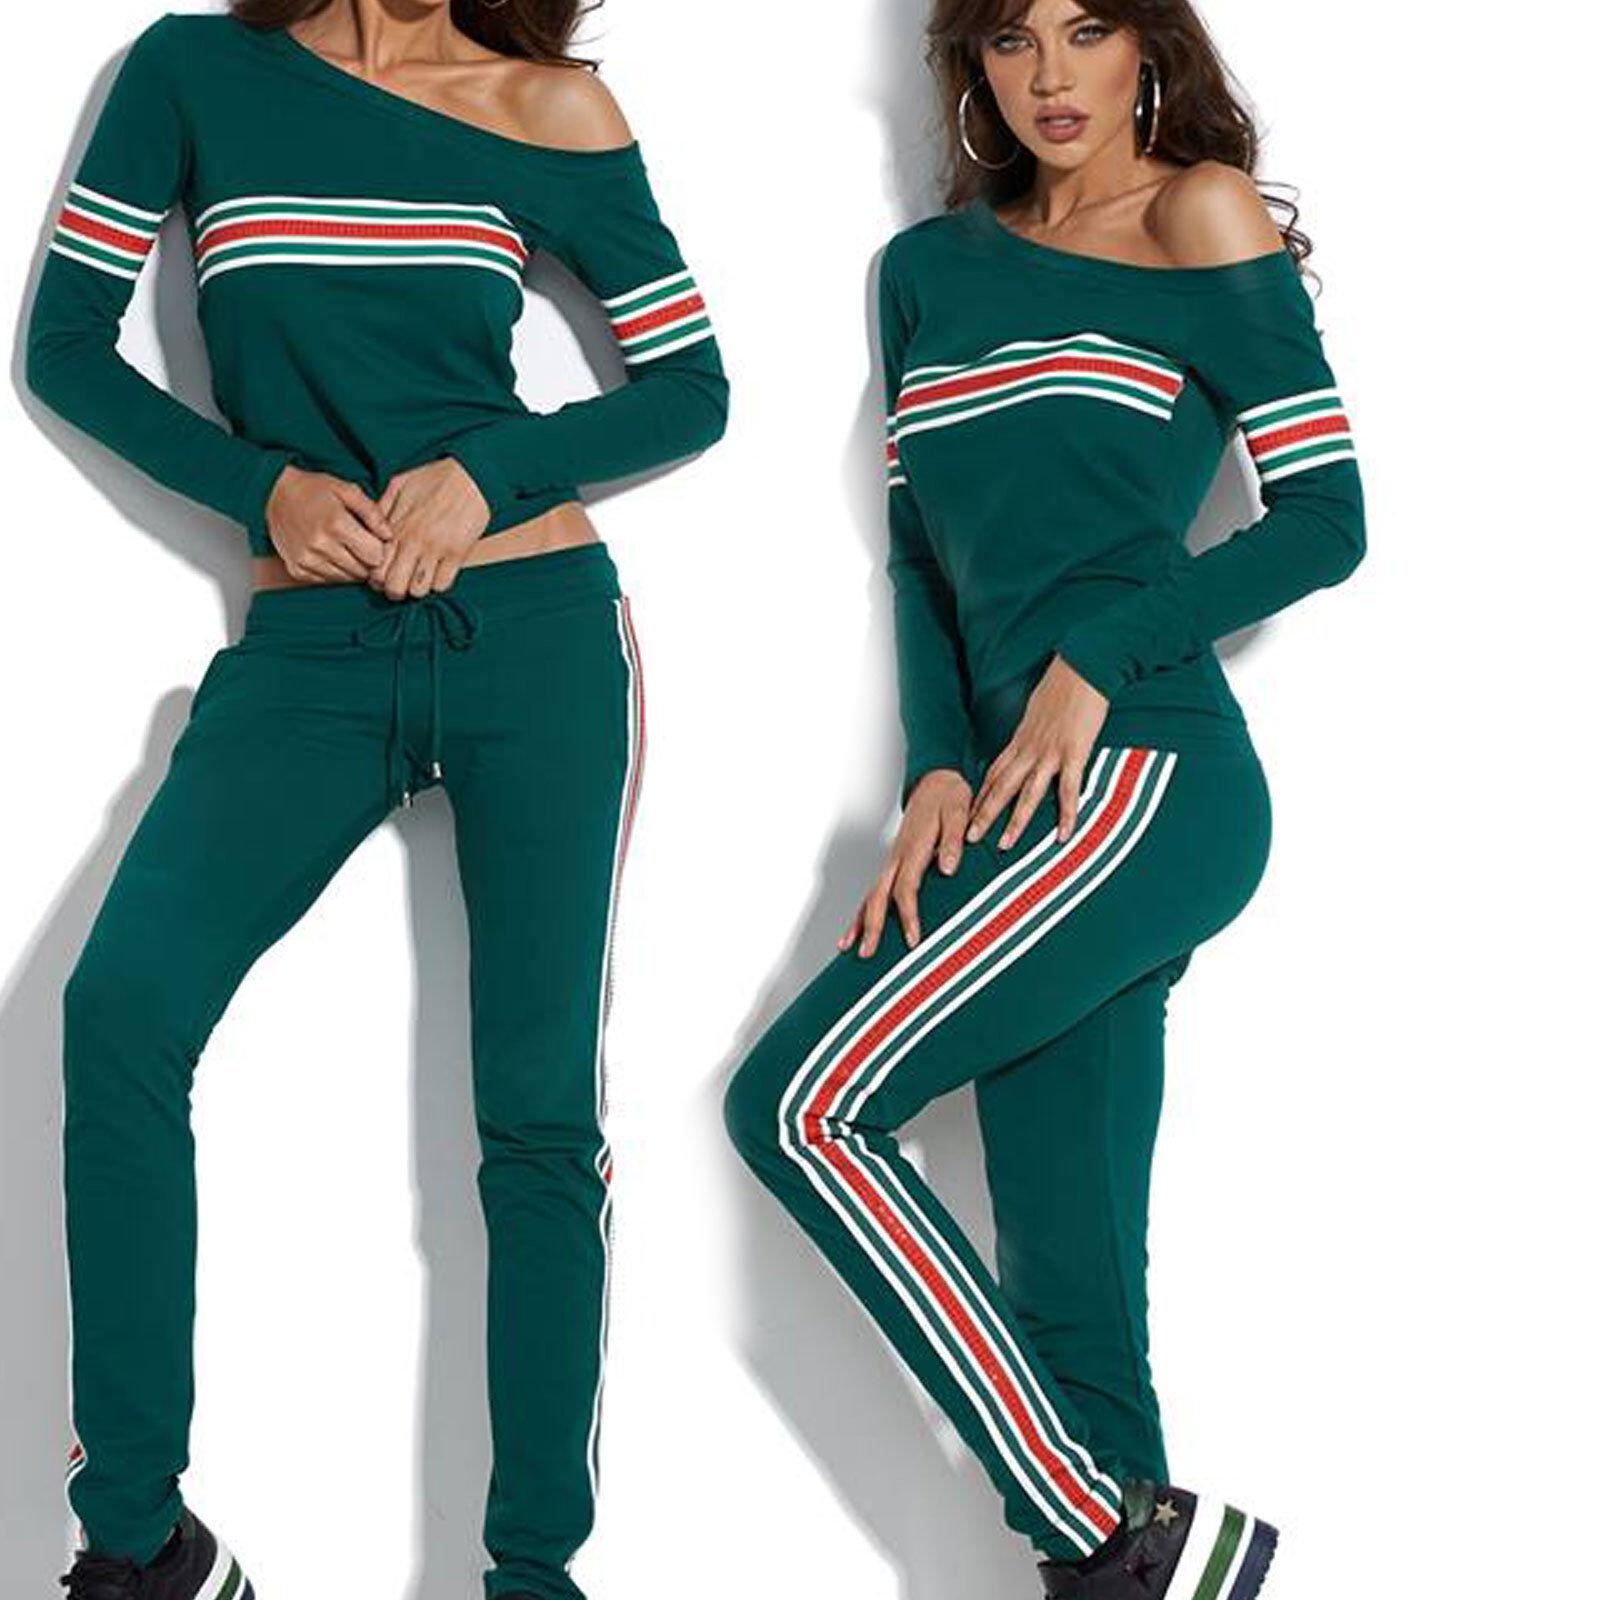 4e47c9f2b088 By Alina 2-Divisorio per il il il Tempo Libero Tuta Da Donna Jogging  Pantaloni Casa Tuta Tuta Sportiva XS-M dd00ad